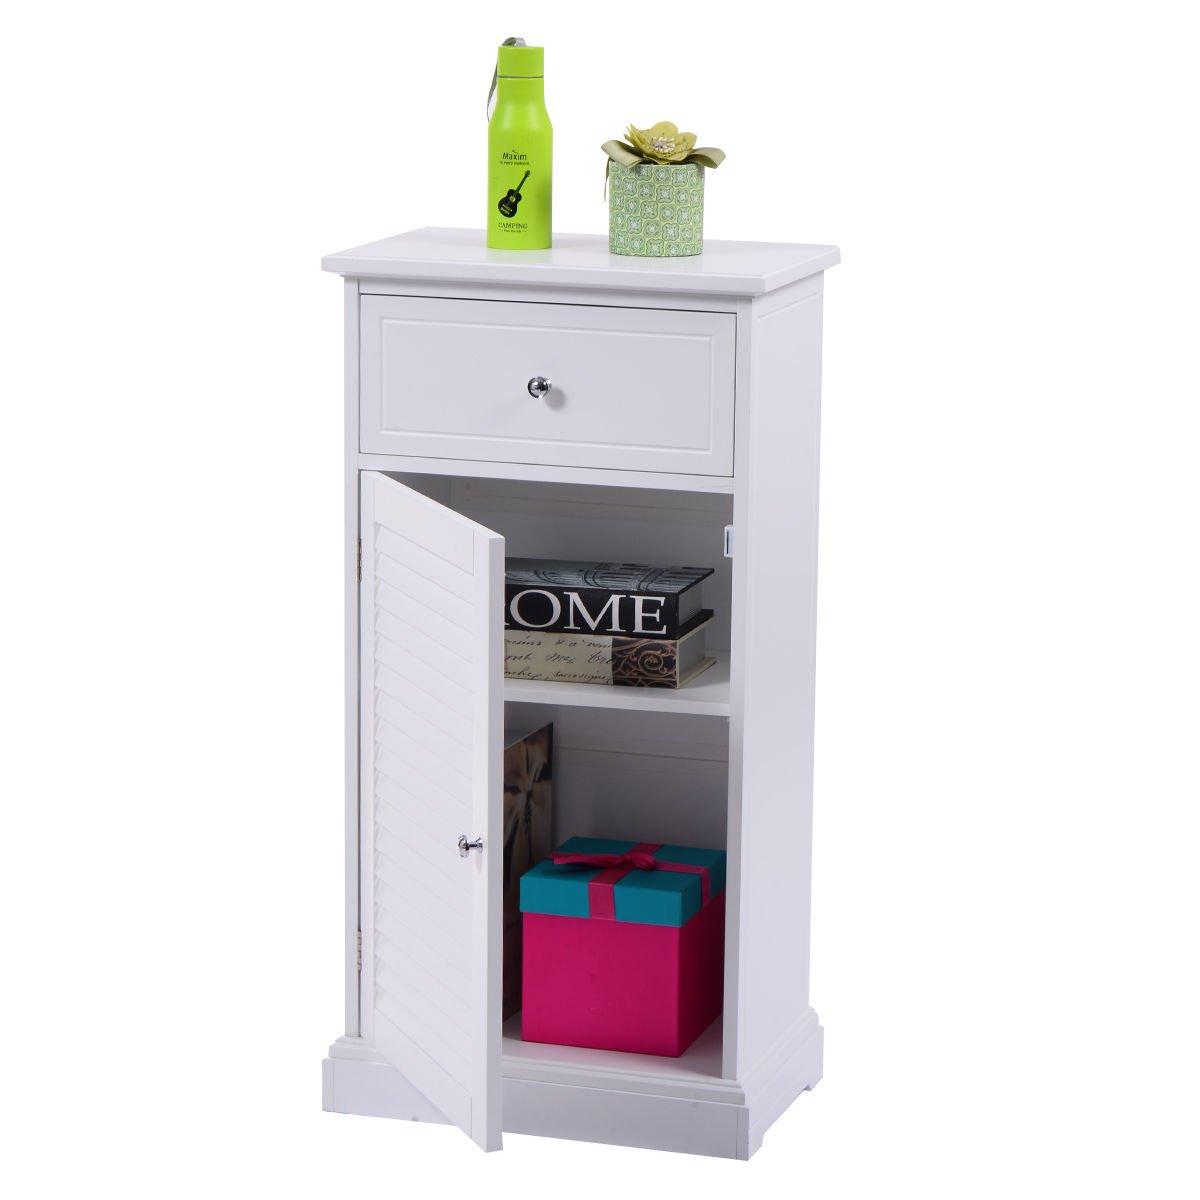 New White Cabinet Wall Shutter Door Bathroom Organizer Cupboard Shelf White Storage Floor